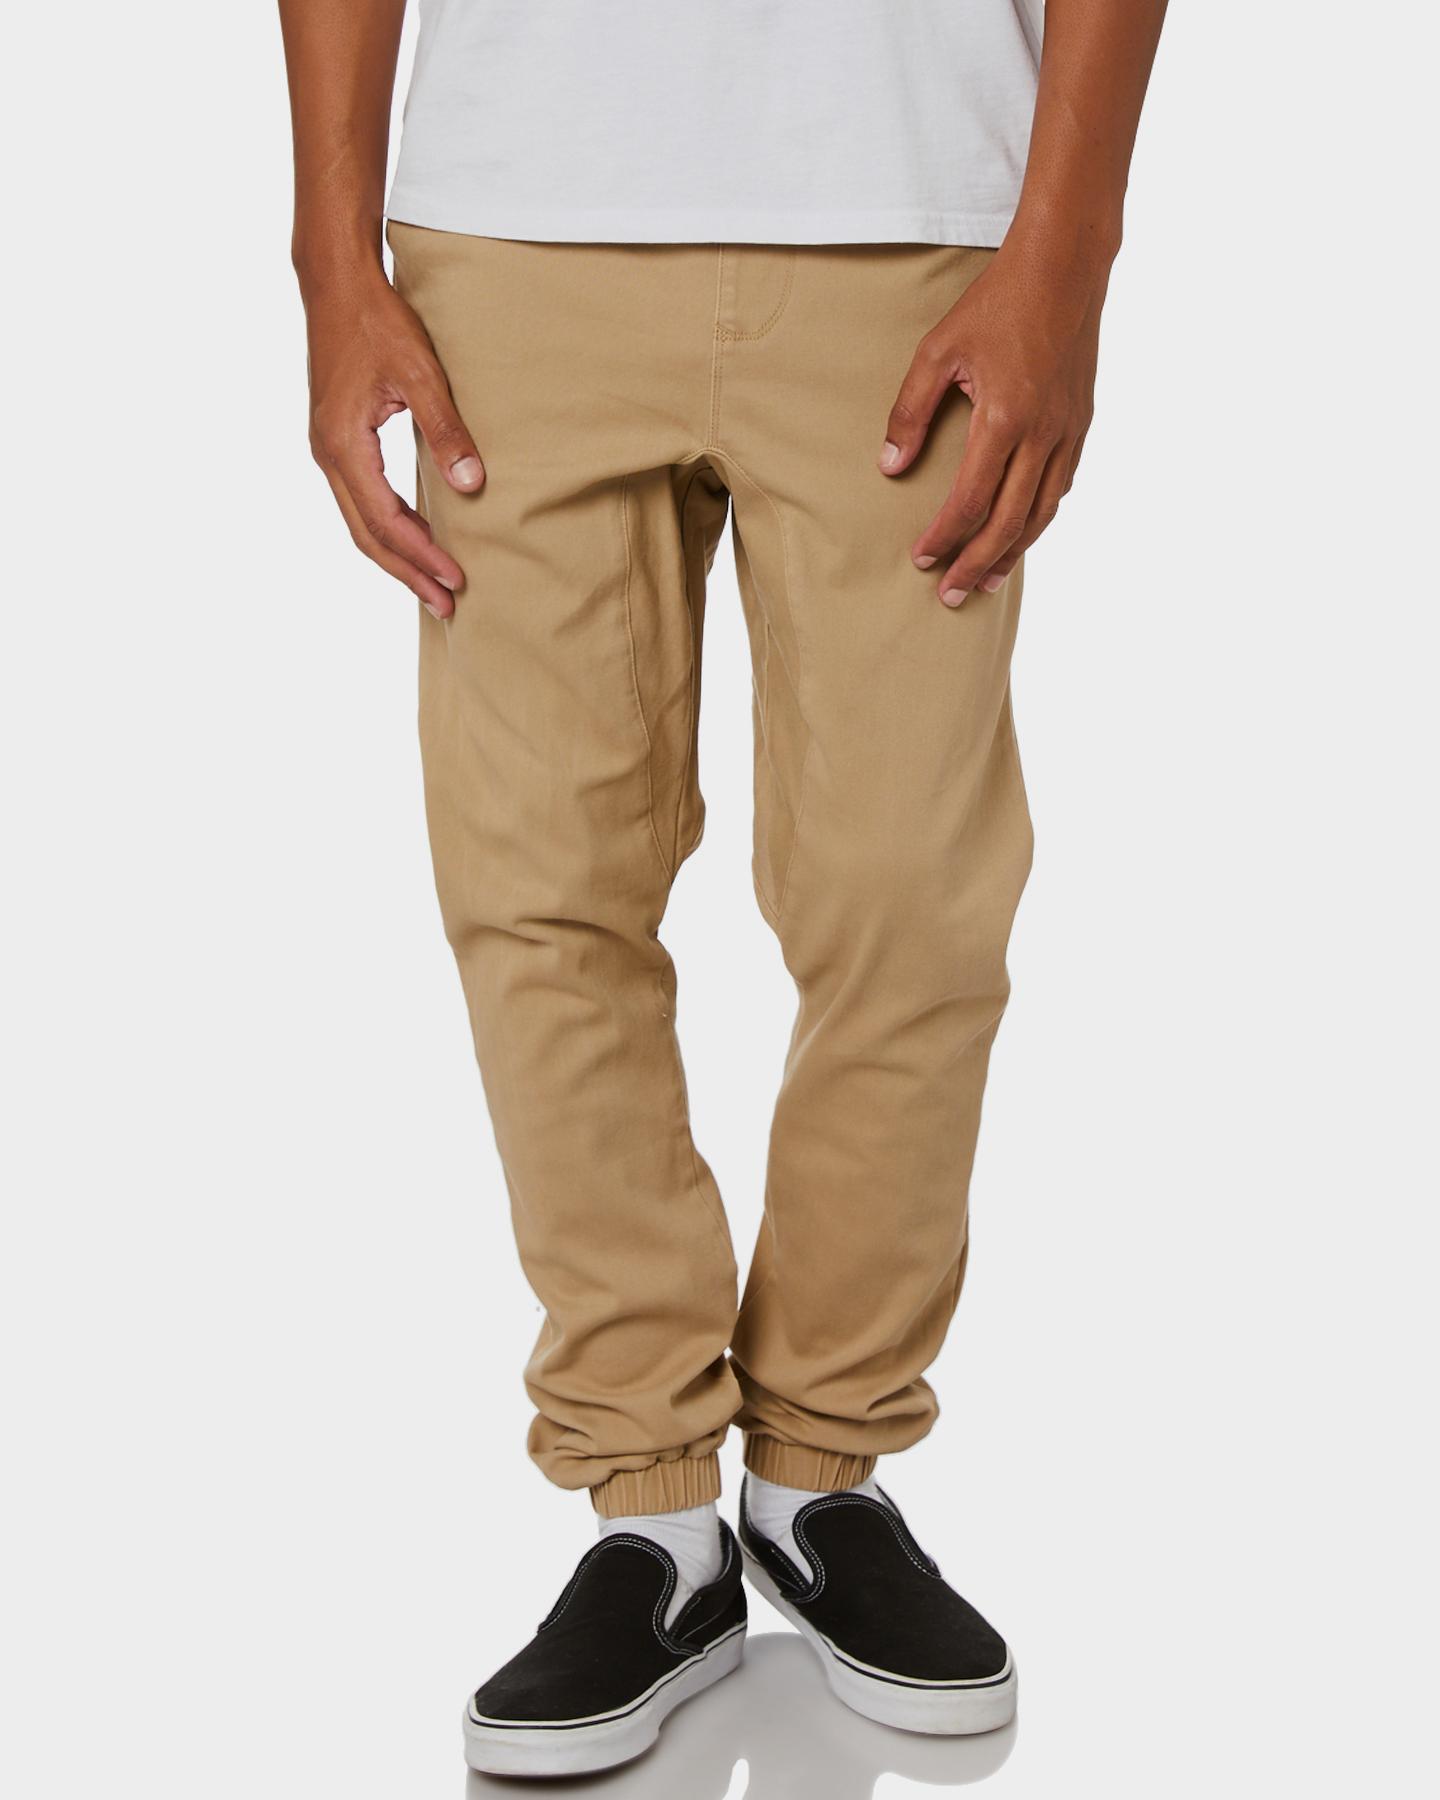 Rusty Cotton Spandex Fennel Elastic Cuffs Drop Crotch Mens Chino Pants Fennel